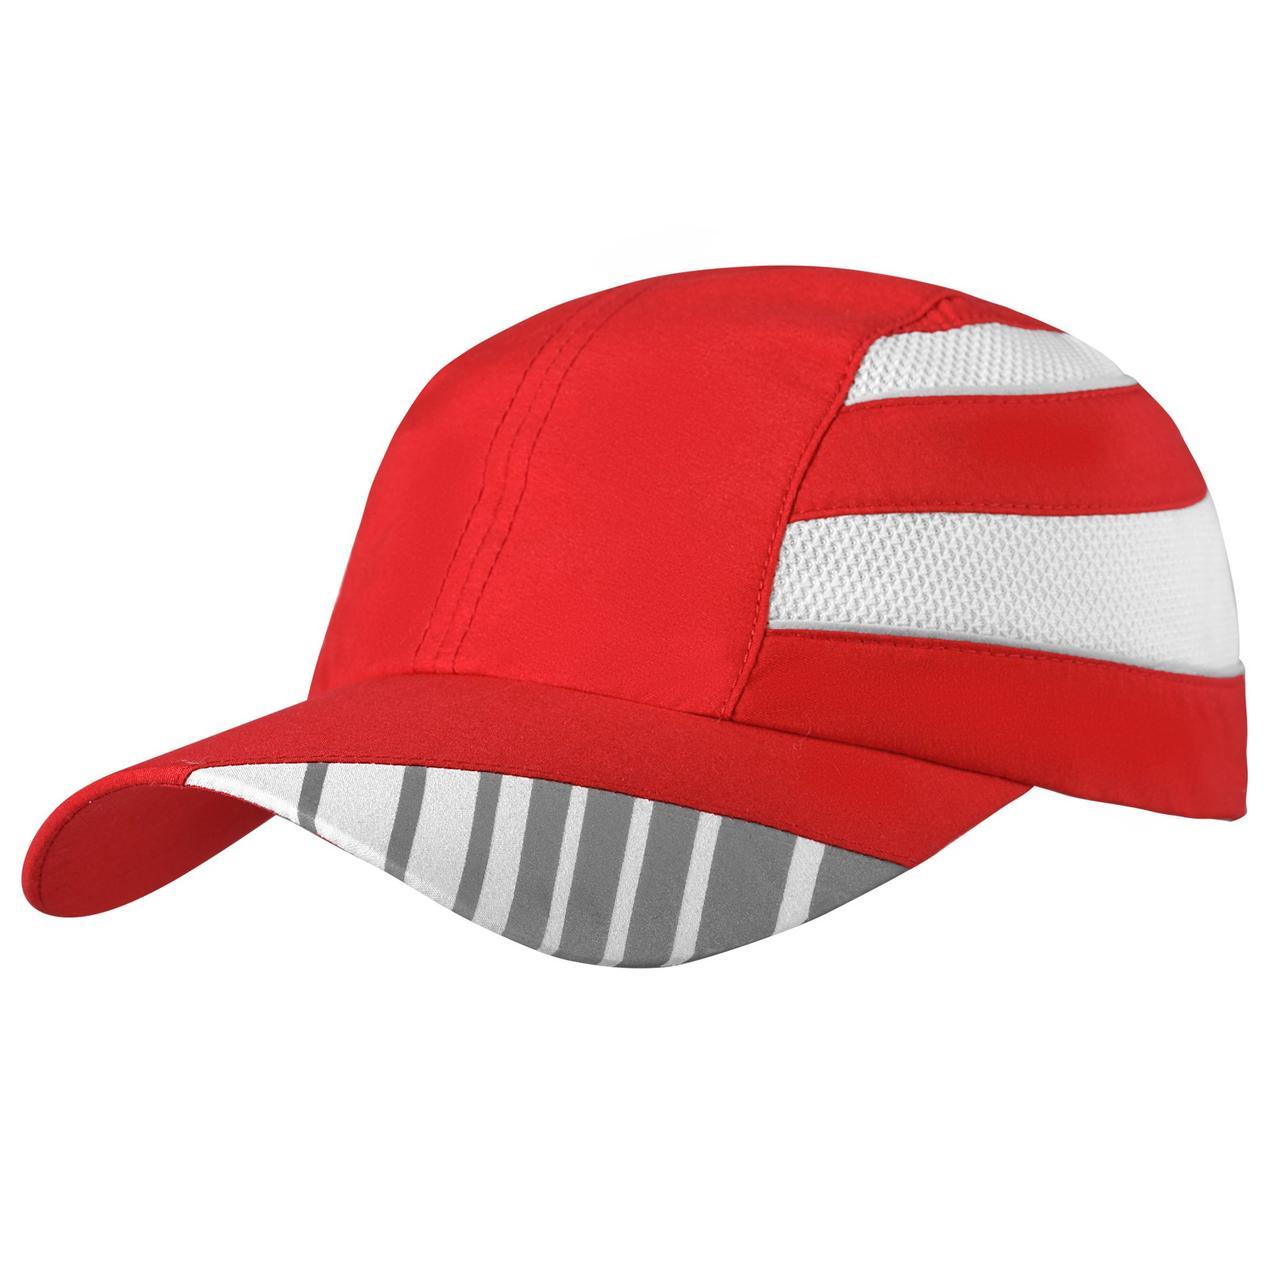 Бейсболка Ben Nevis со светоотражающим элементом, красная (артикул 2387.50)